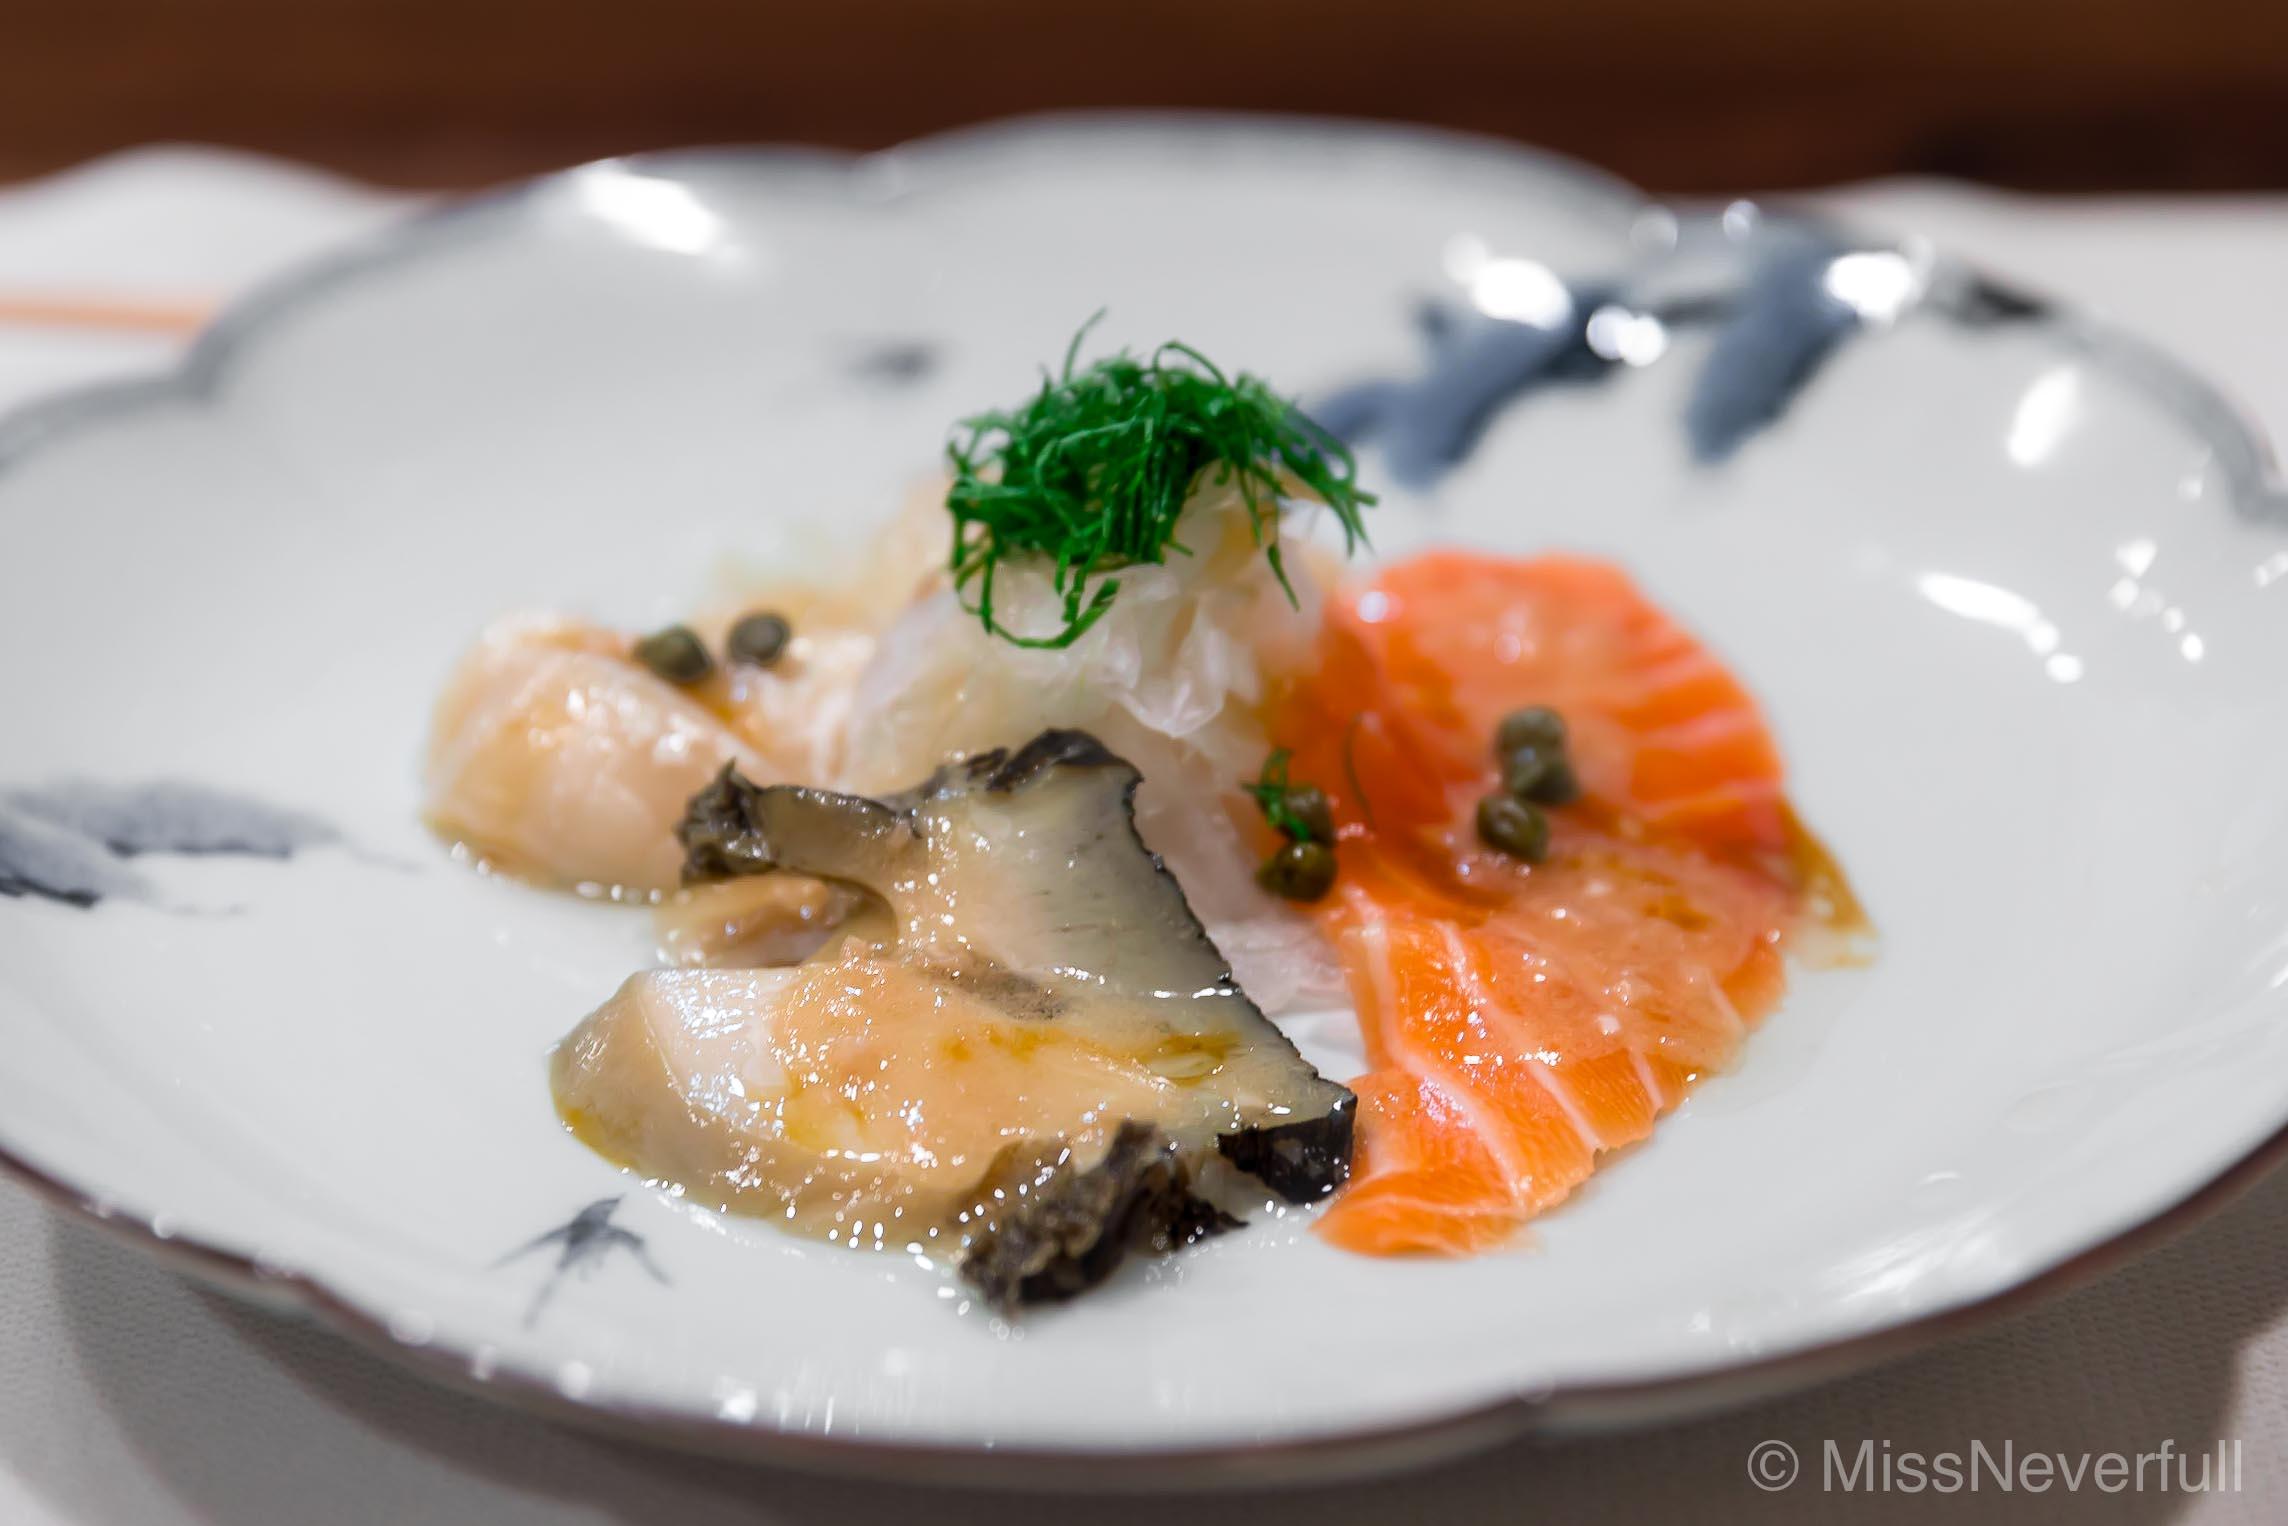 1. Sashimi Platter (Tai, smoked salmon, and abalone cut)